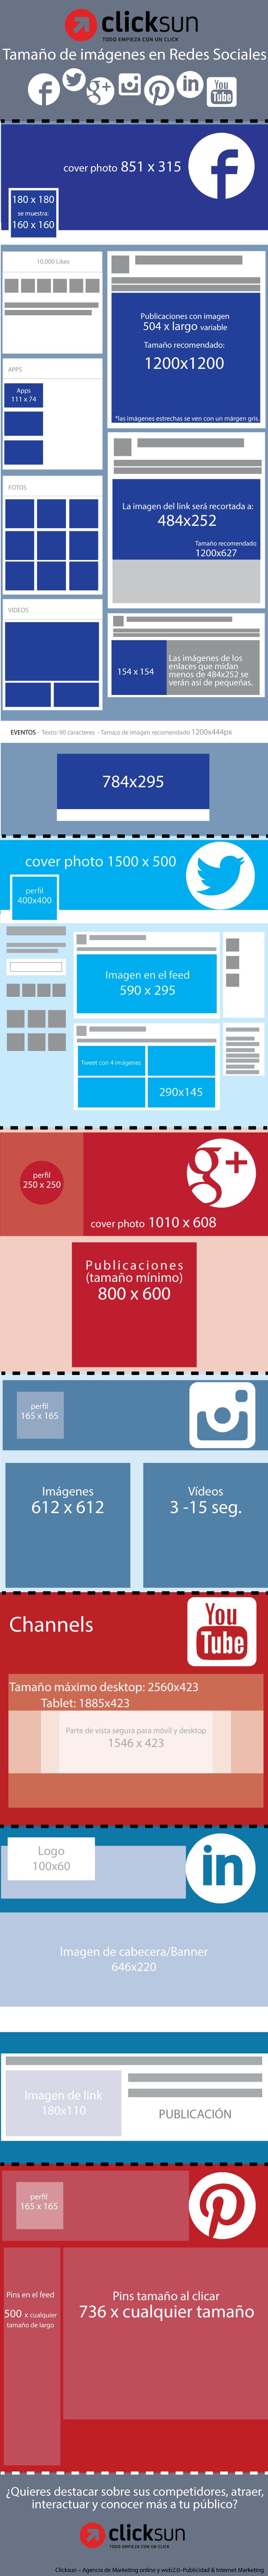 Infografía tamaño imágenes redes sociales